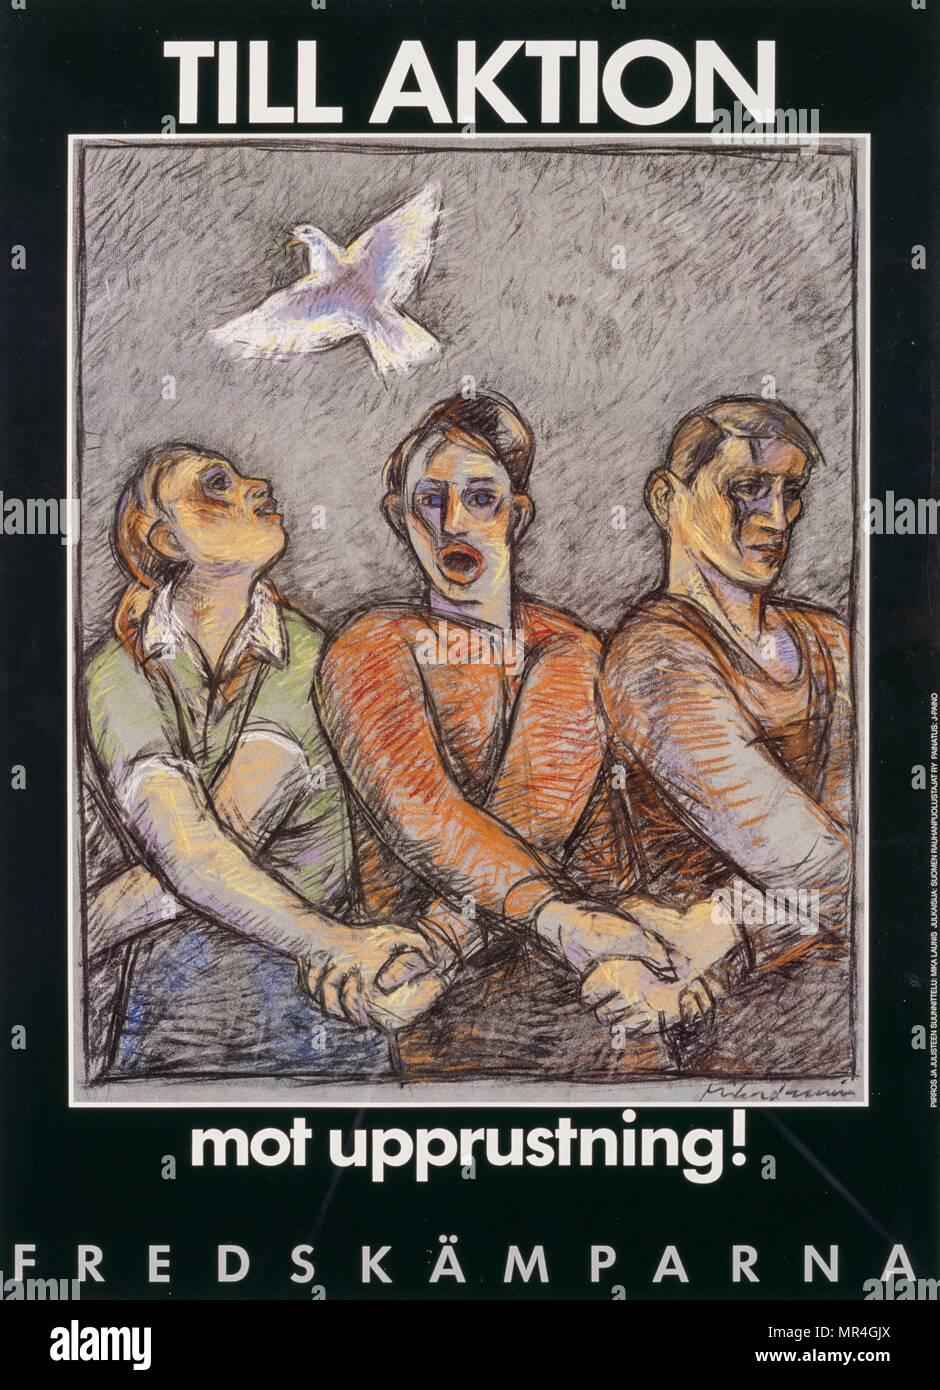 Para la acción contra la rehabilitación (hasta aktion mot upprustning)' sueco el póster de la campaña de paz (la guerra fría) 1975 Imagen De Stock